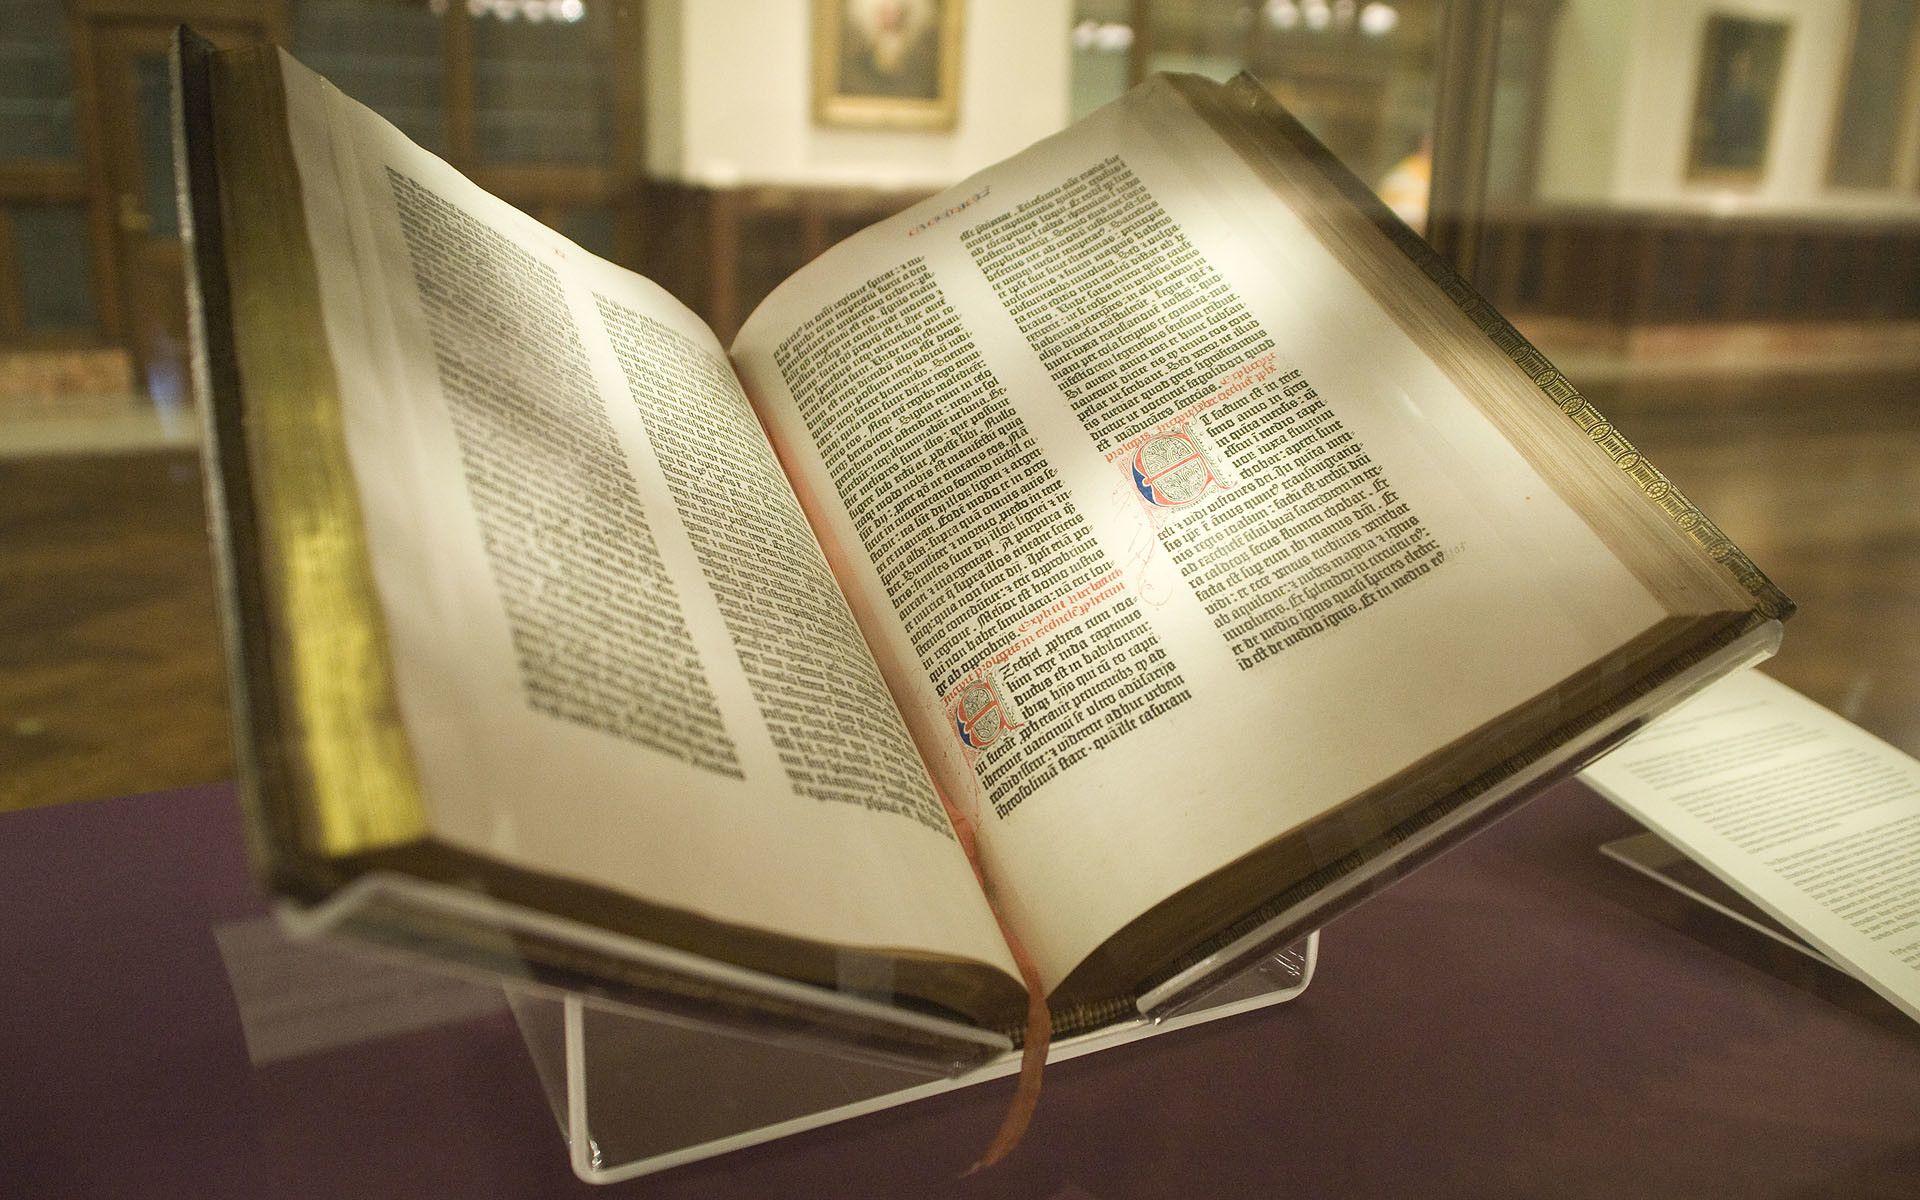 Abbildung 1: Das Smartphone des 15. Jahrhunderts, Wikipedia